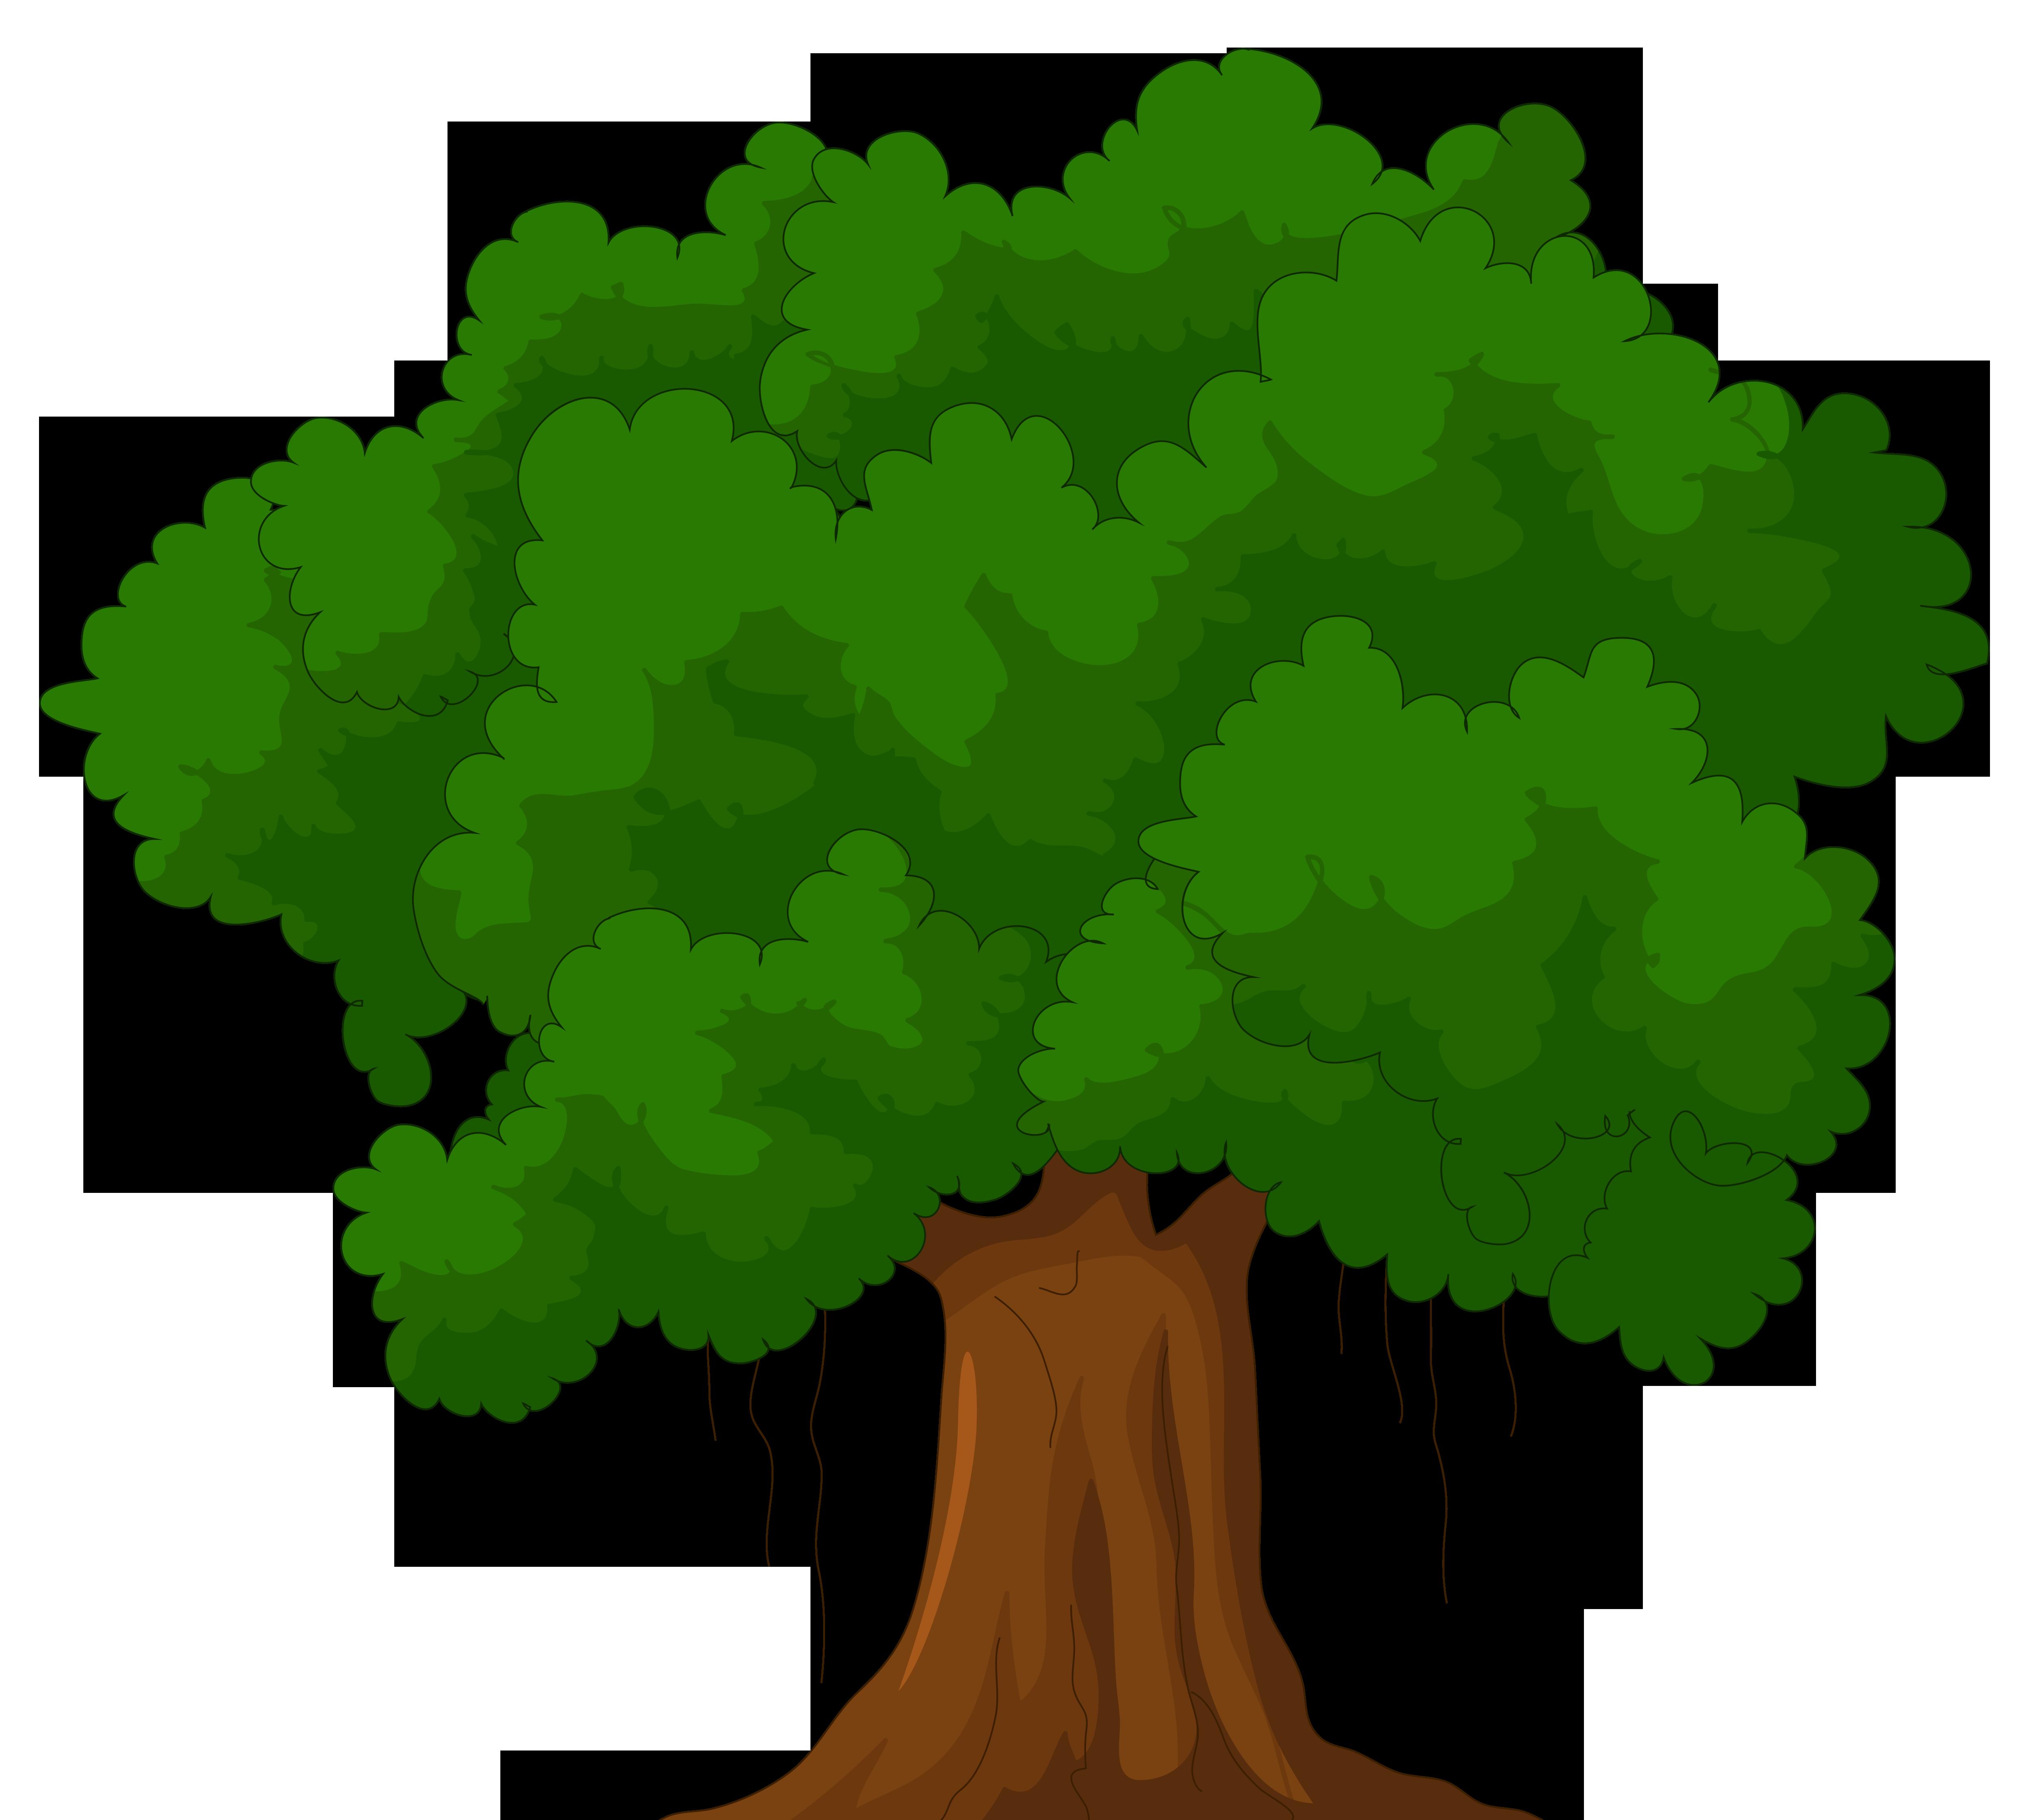 4992x4478 Top 88 Trees Clip Art